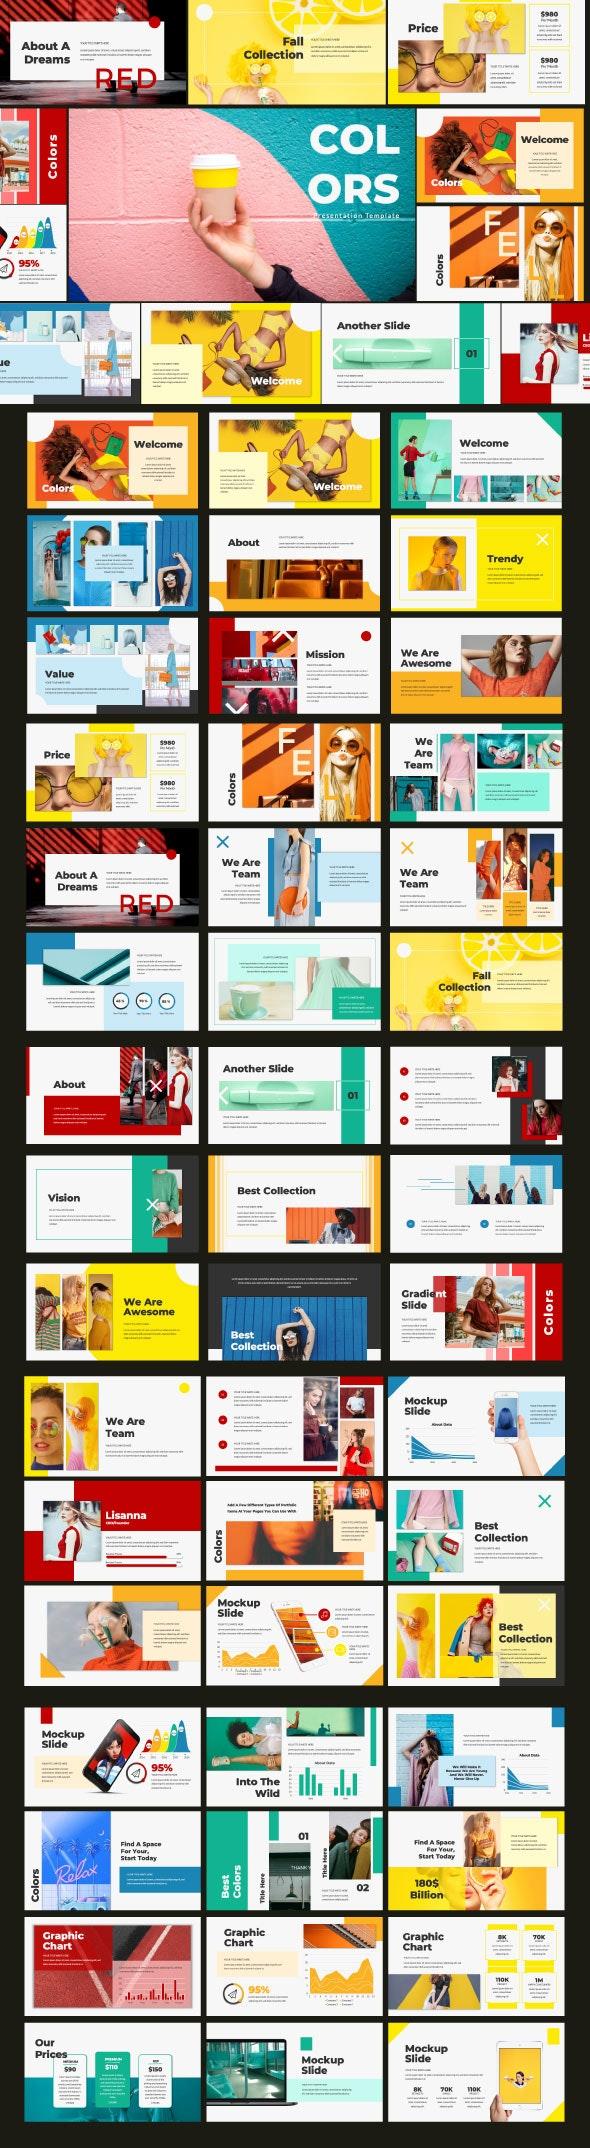 Colors Google Slide Template - Google Slides Presentation Templates